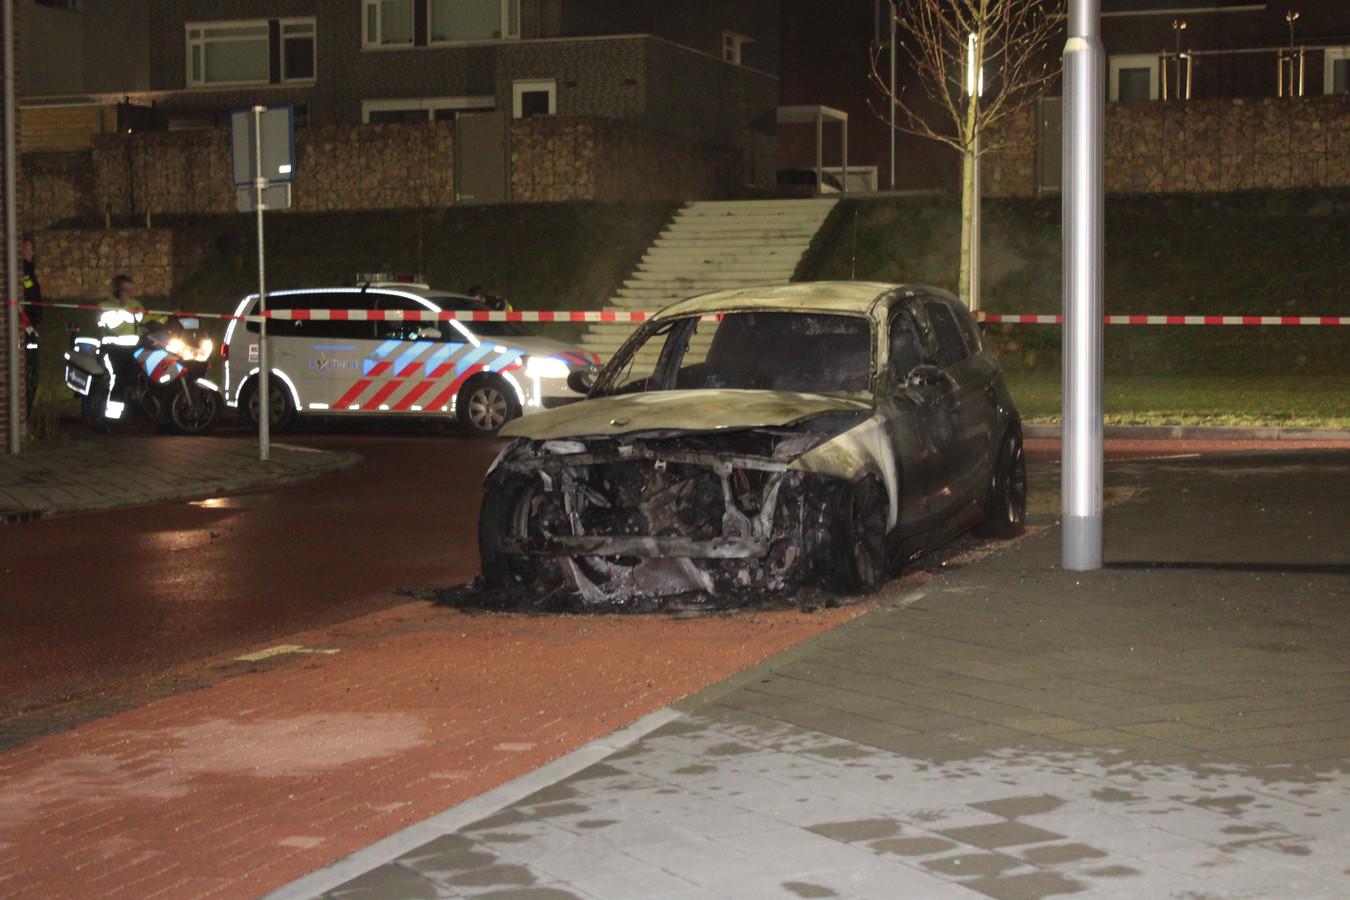 De BMW brandde volledig uit.